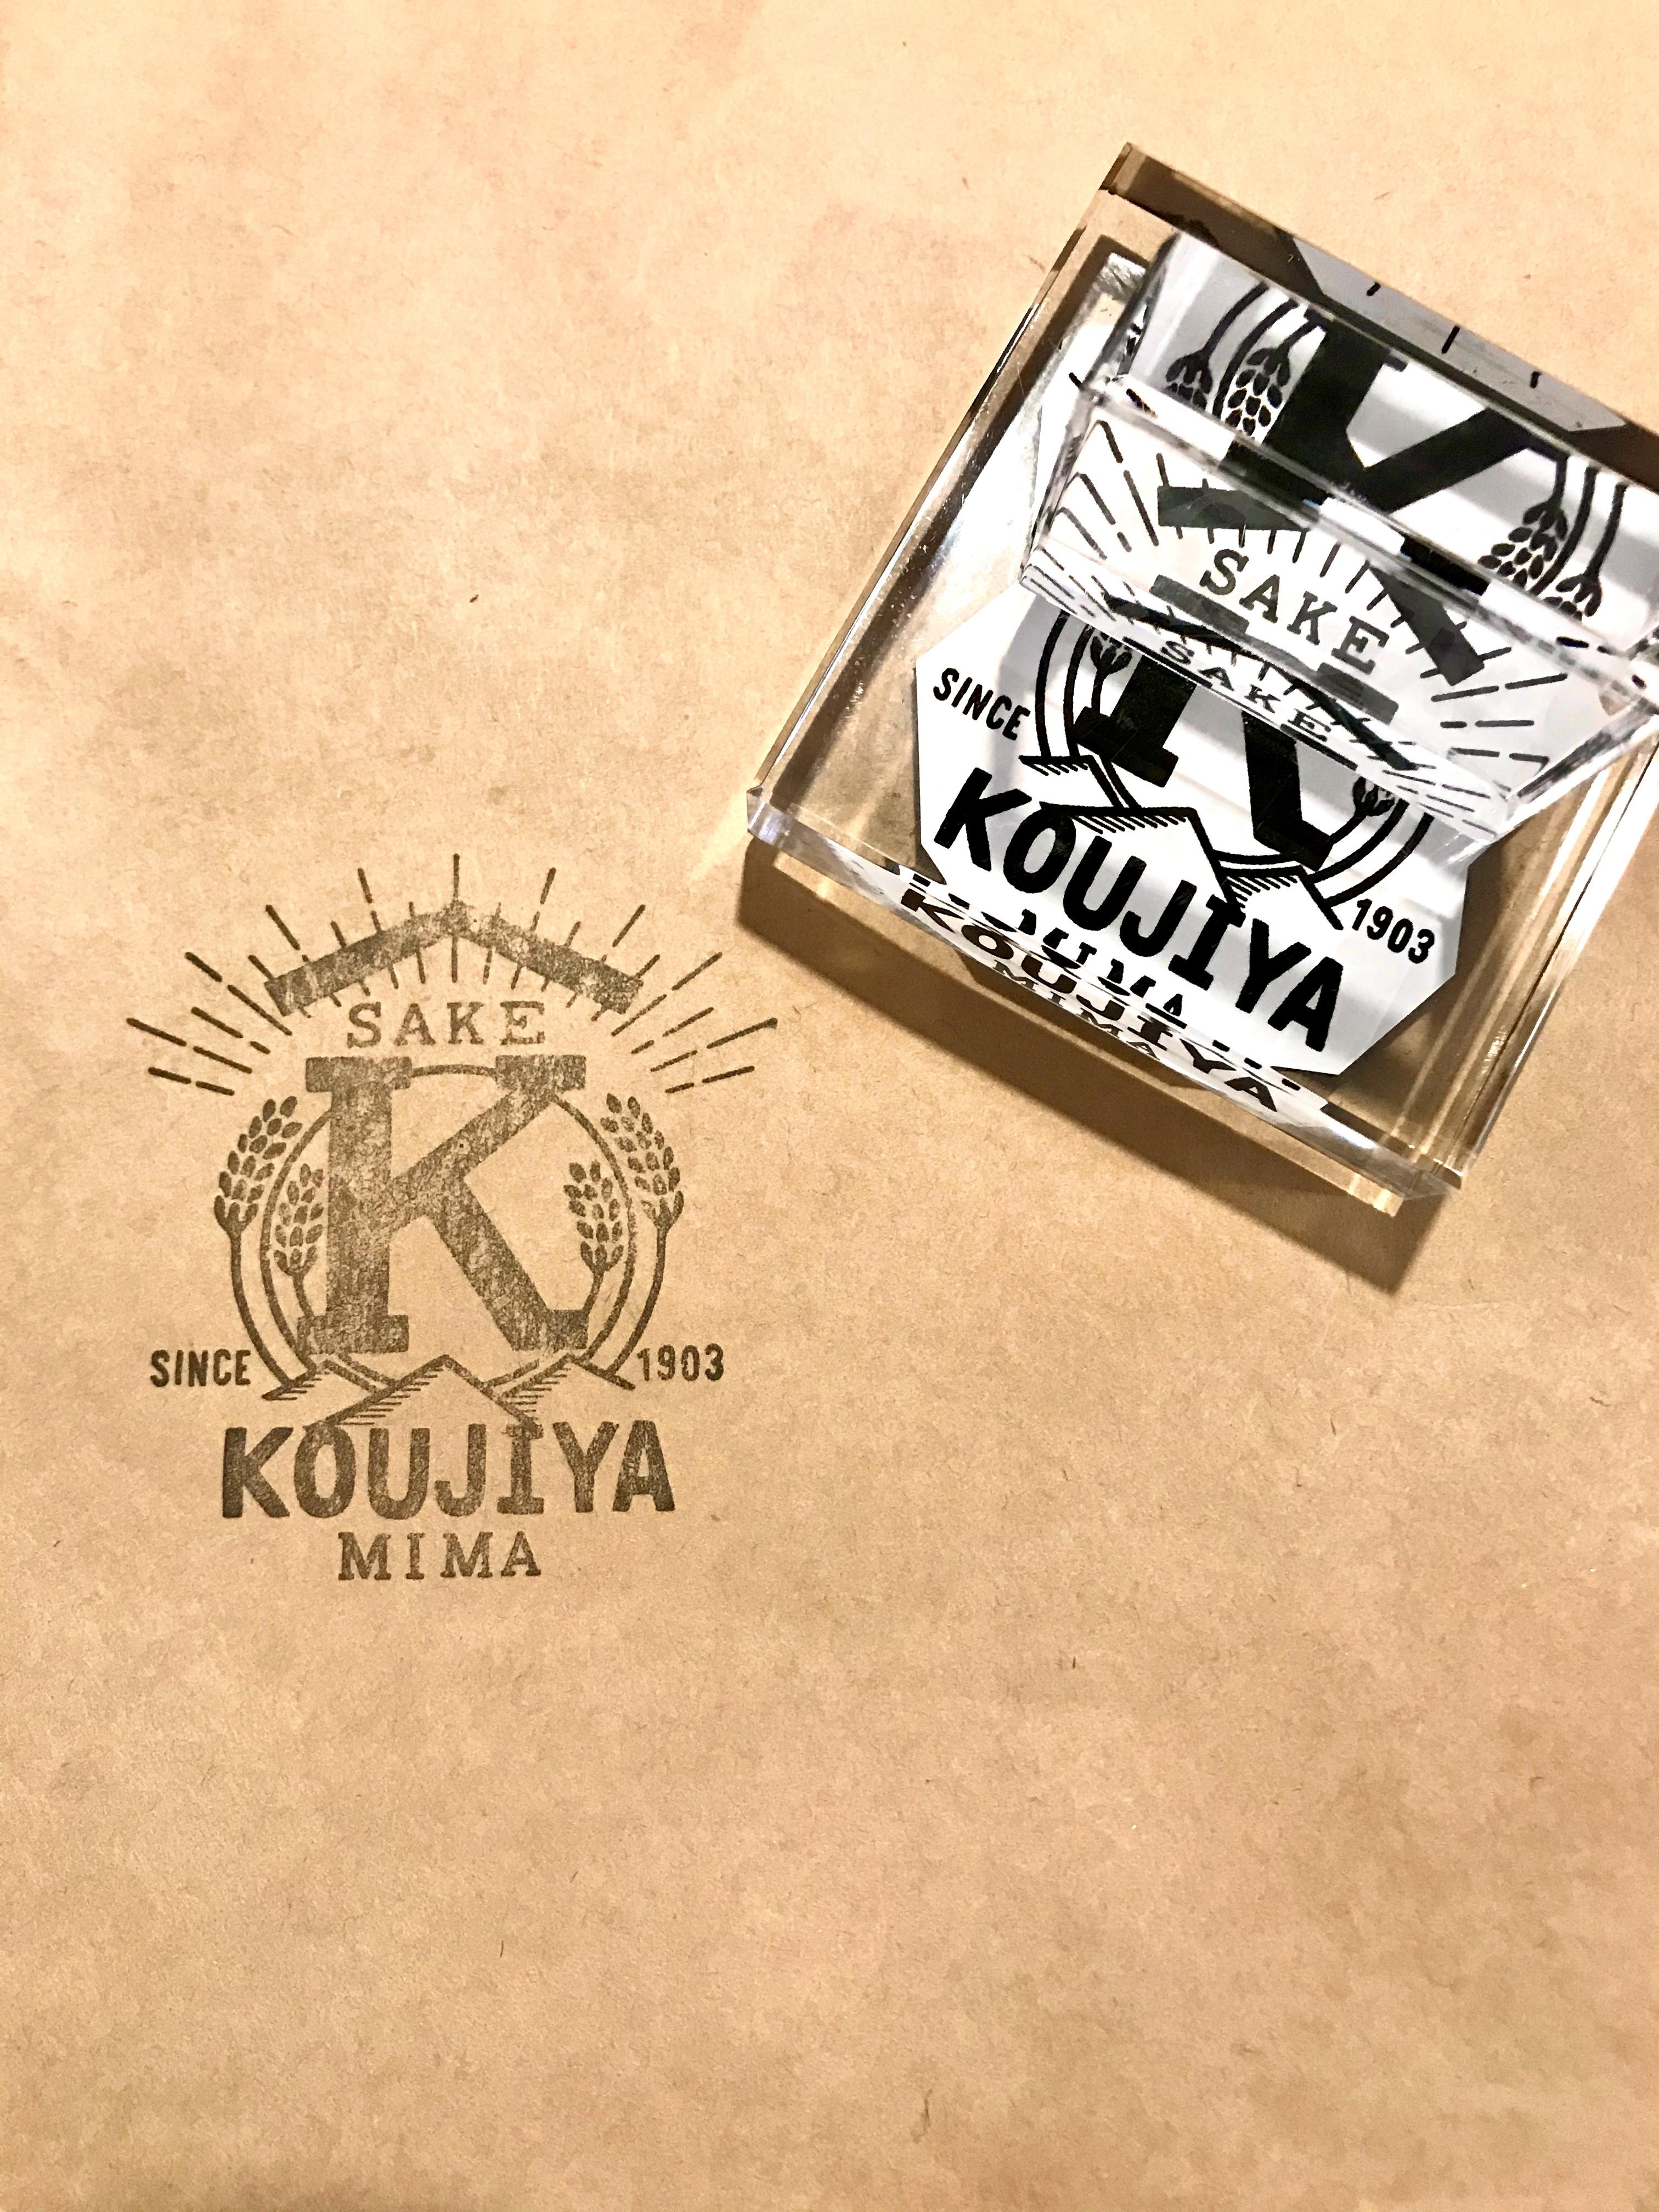 KOUJIYAオリジナルのハンコ制作